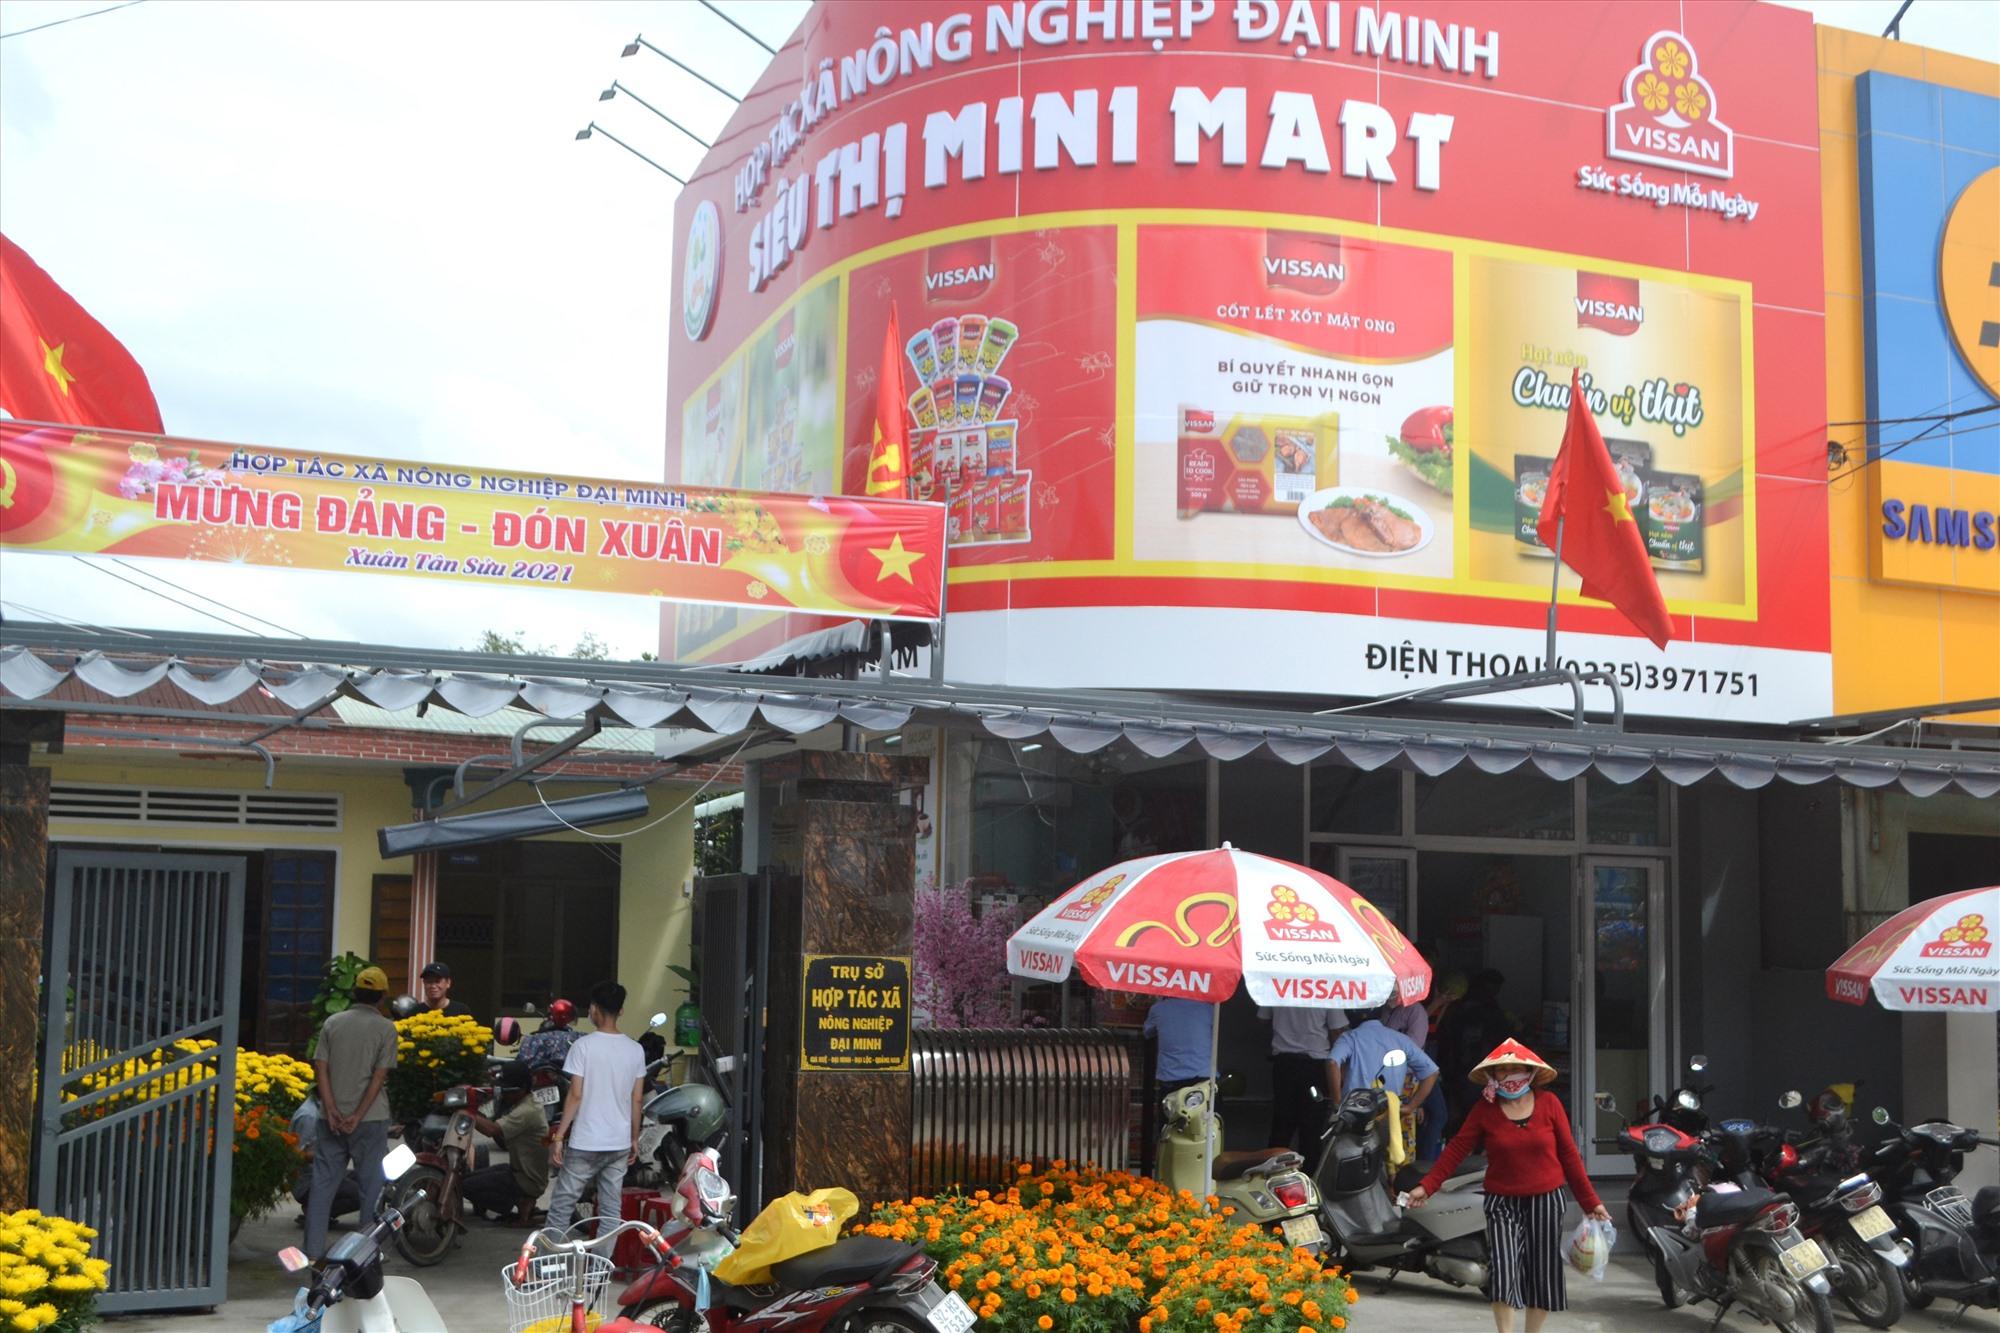 Siêu thị mini Mart của Hợp tác xã Nông nghiệp Đại Minh. Ảnh: CT